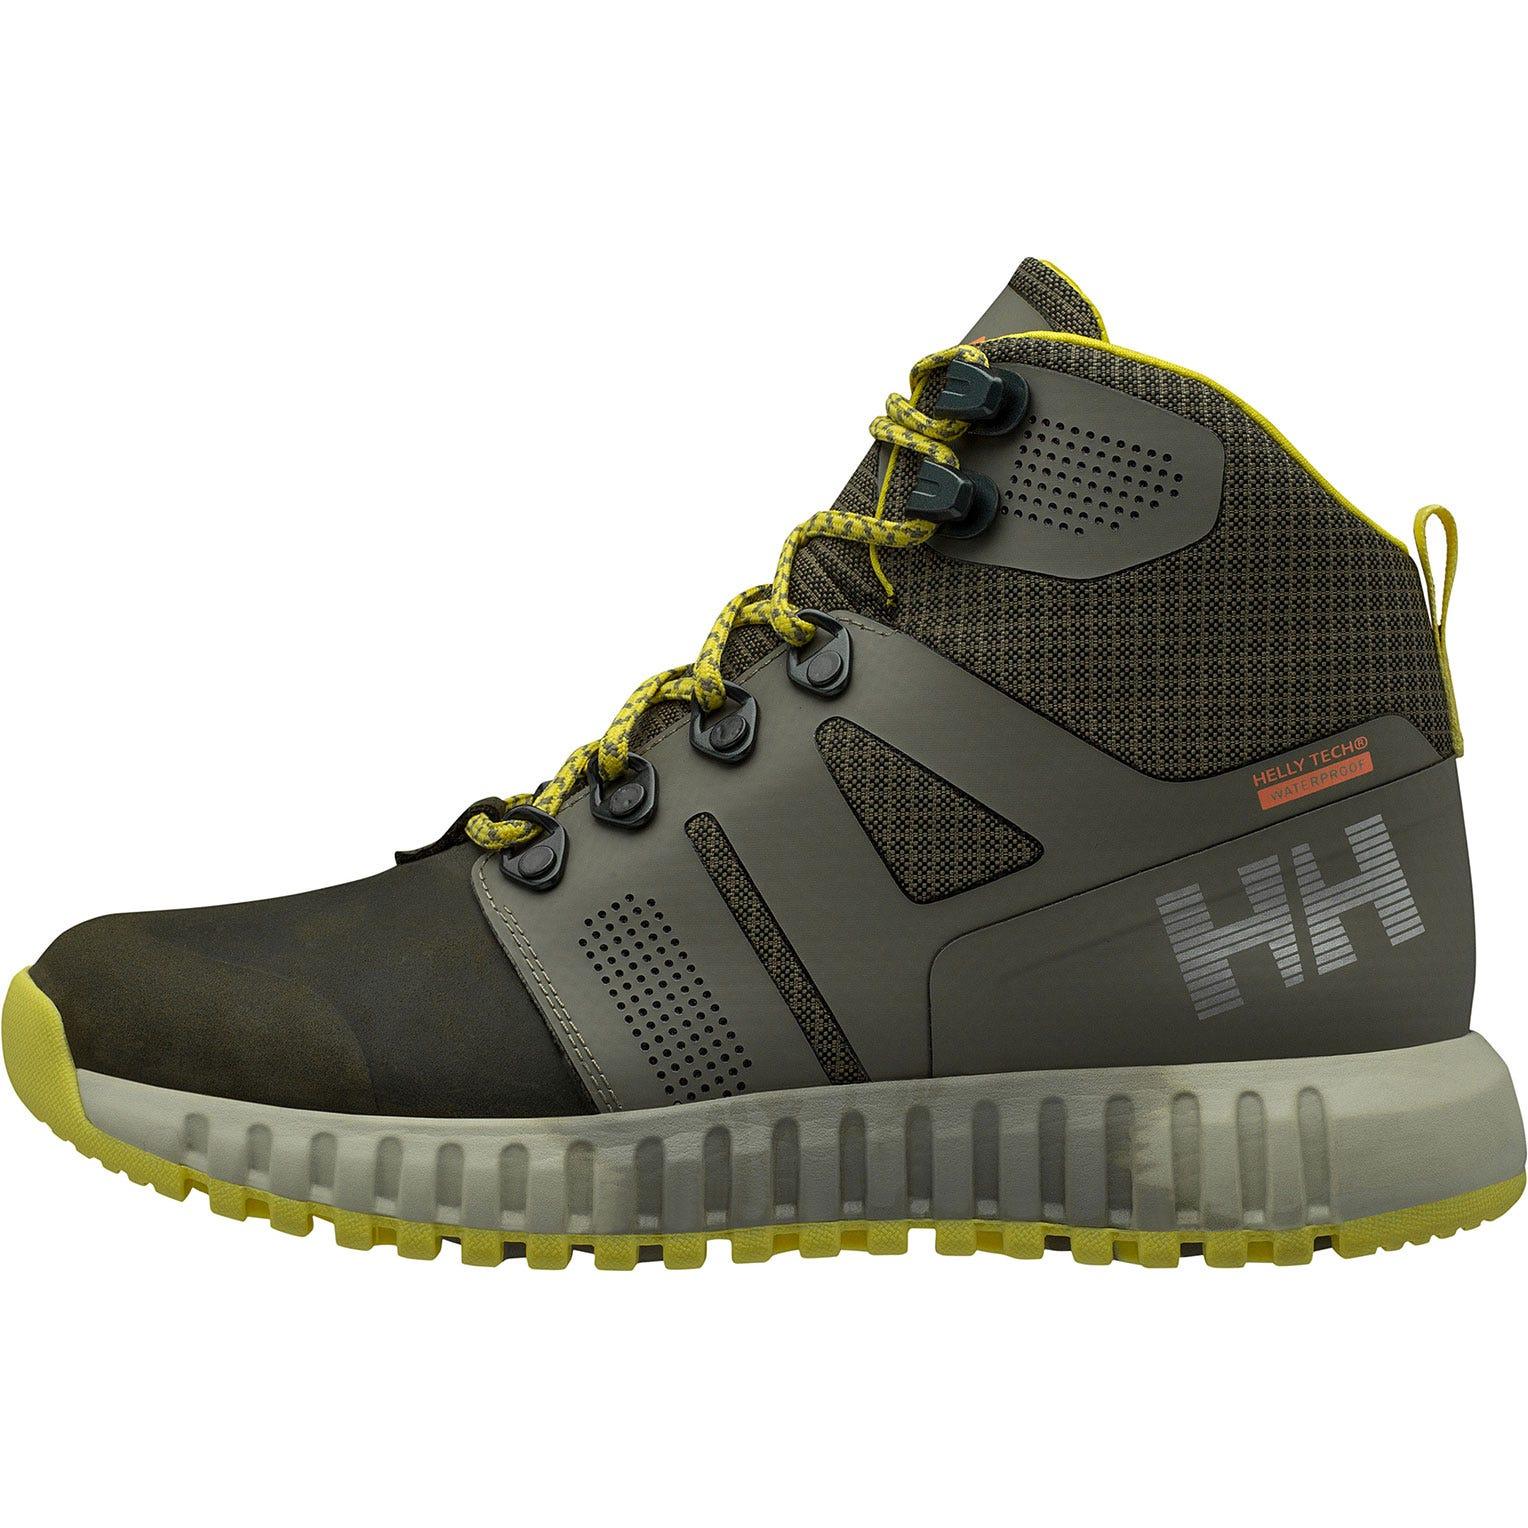 Helly Hansen W Vanir Gallivant Ht Womens Hiking Boot Beige 36/5.5